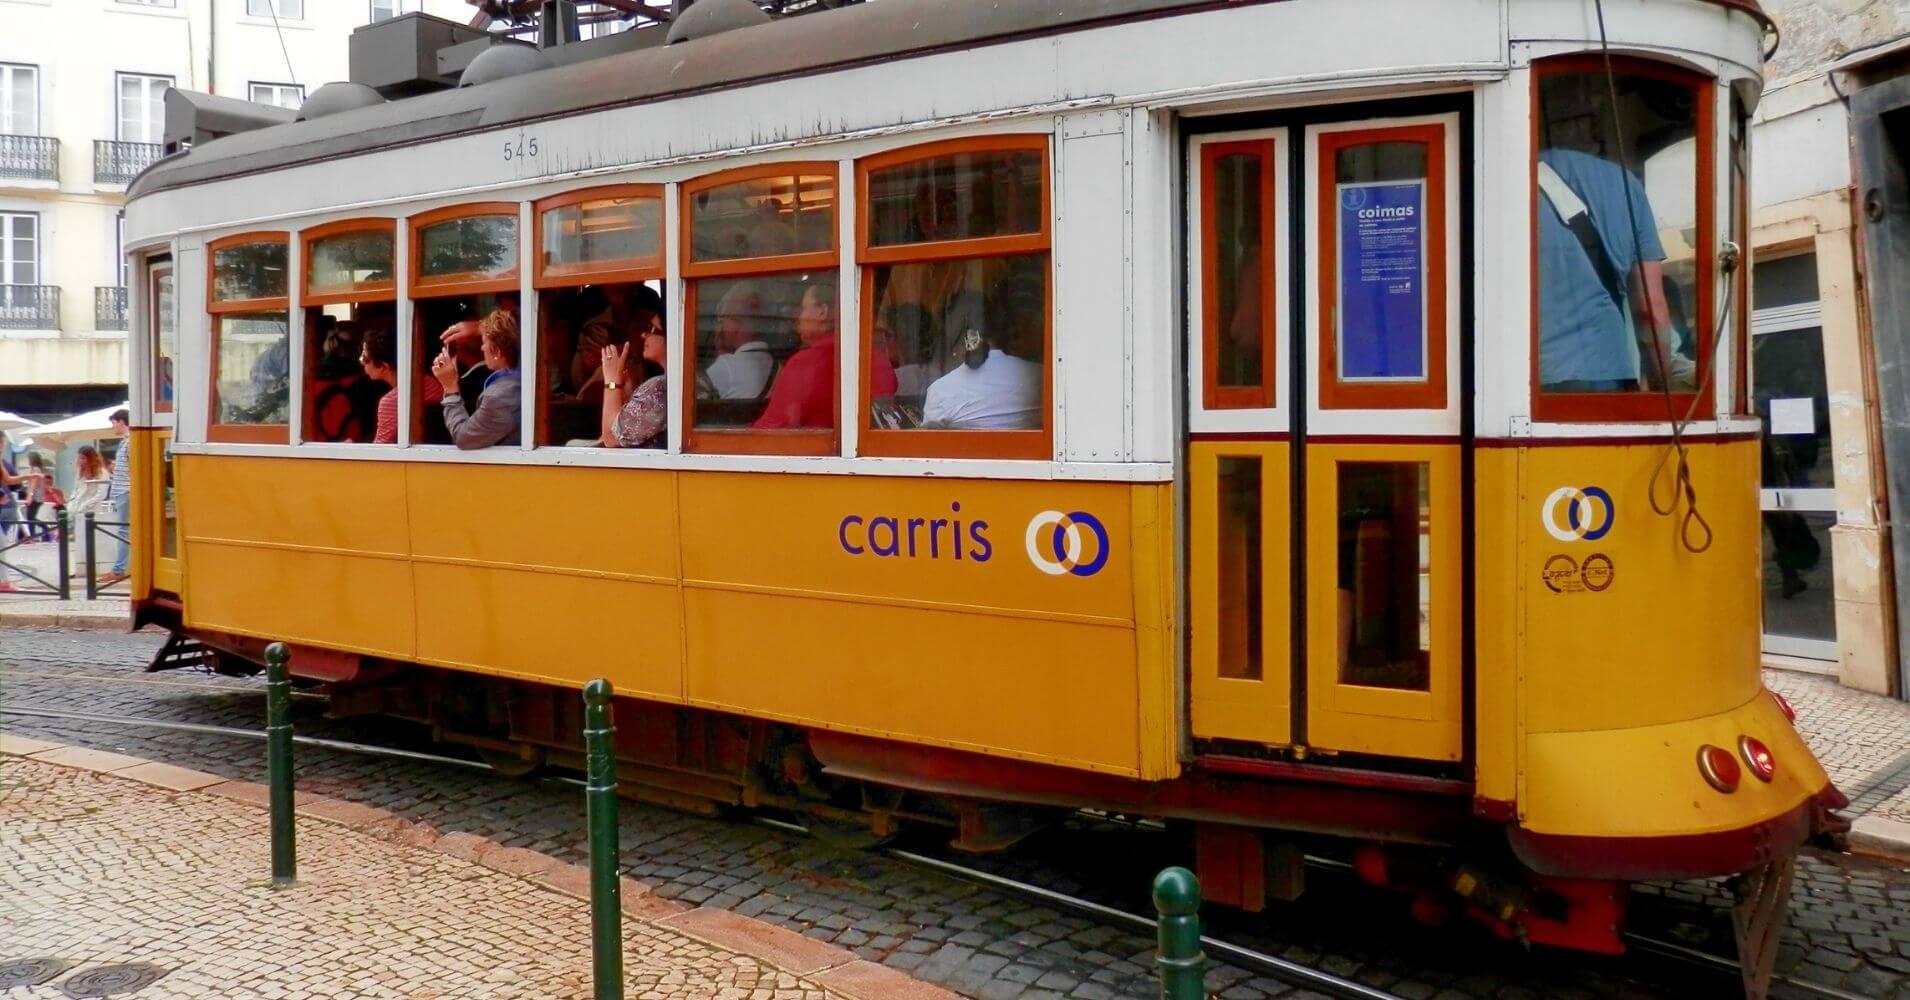 Tranvía en el Chiado. Lisboa, Portugal.